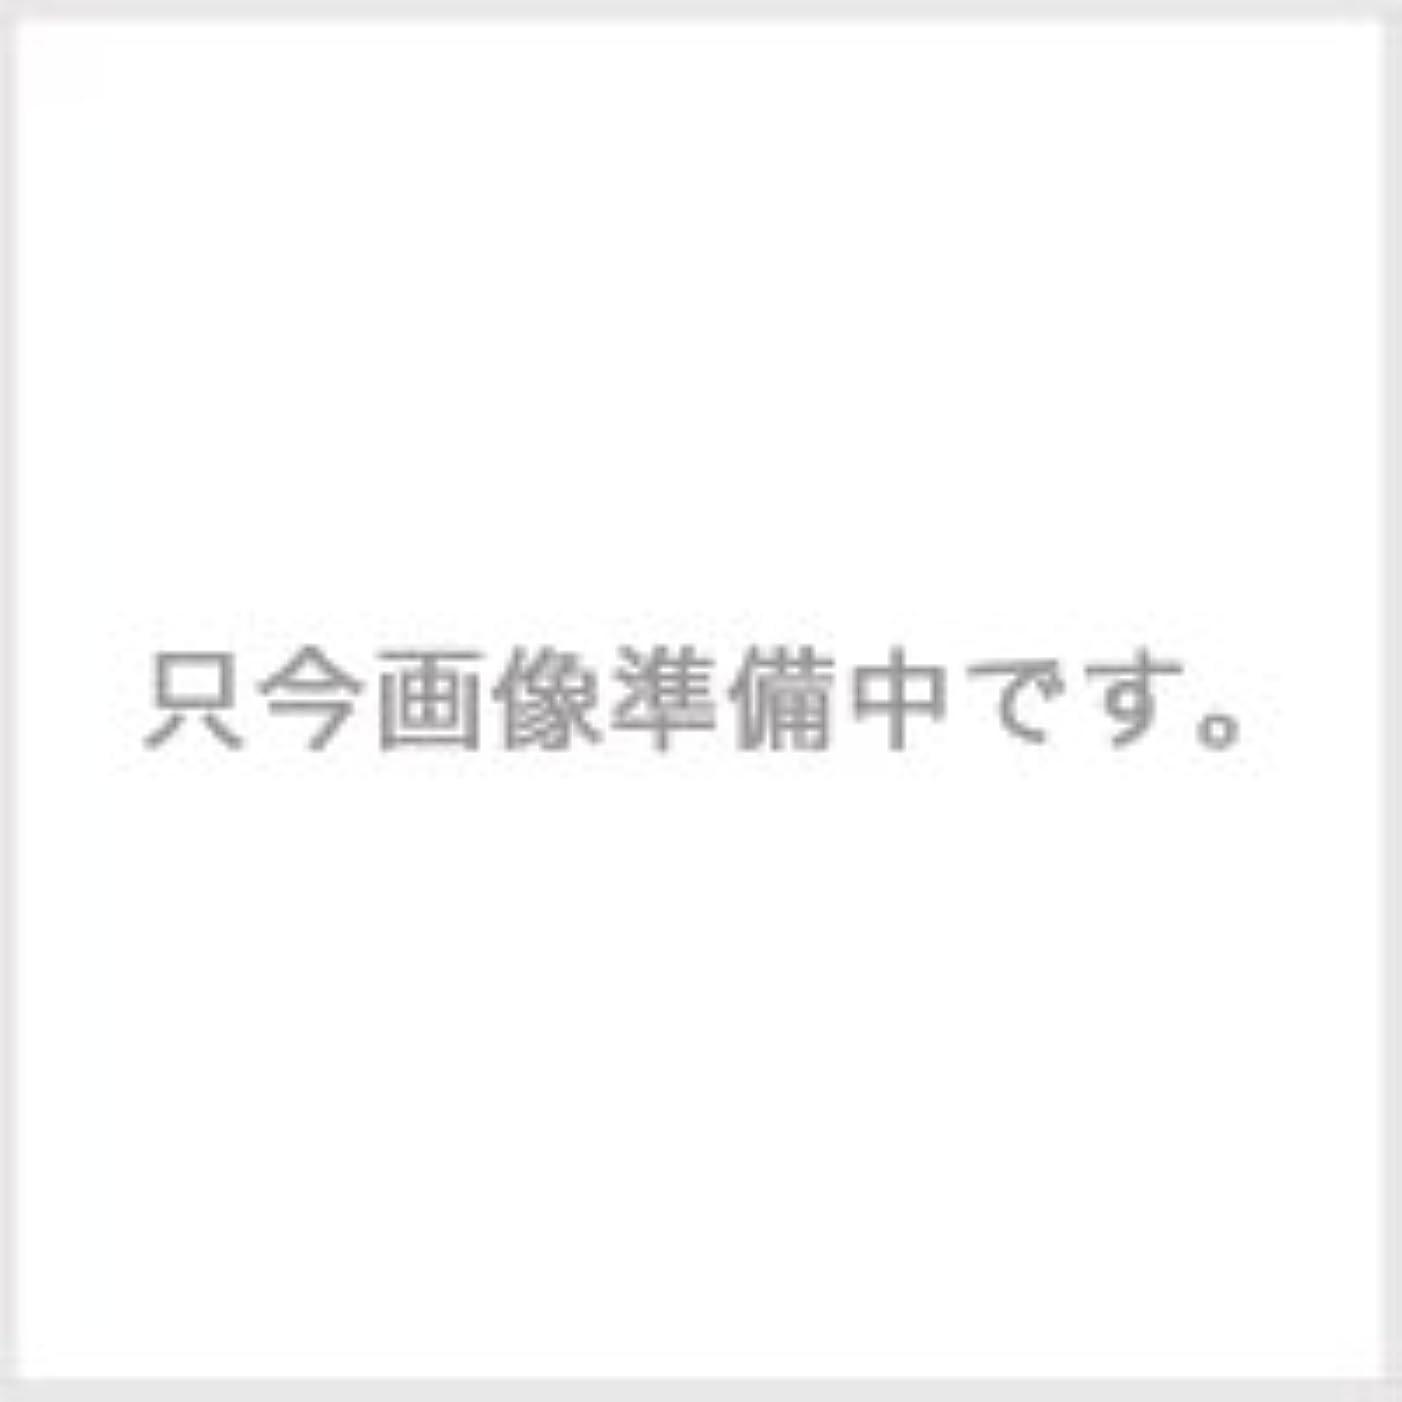 広告懺悔死傷者コタ スタイリング SH スーパーハードジェル 100g